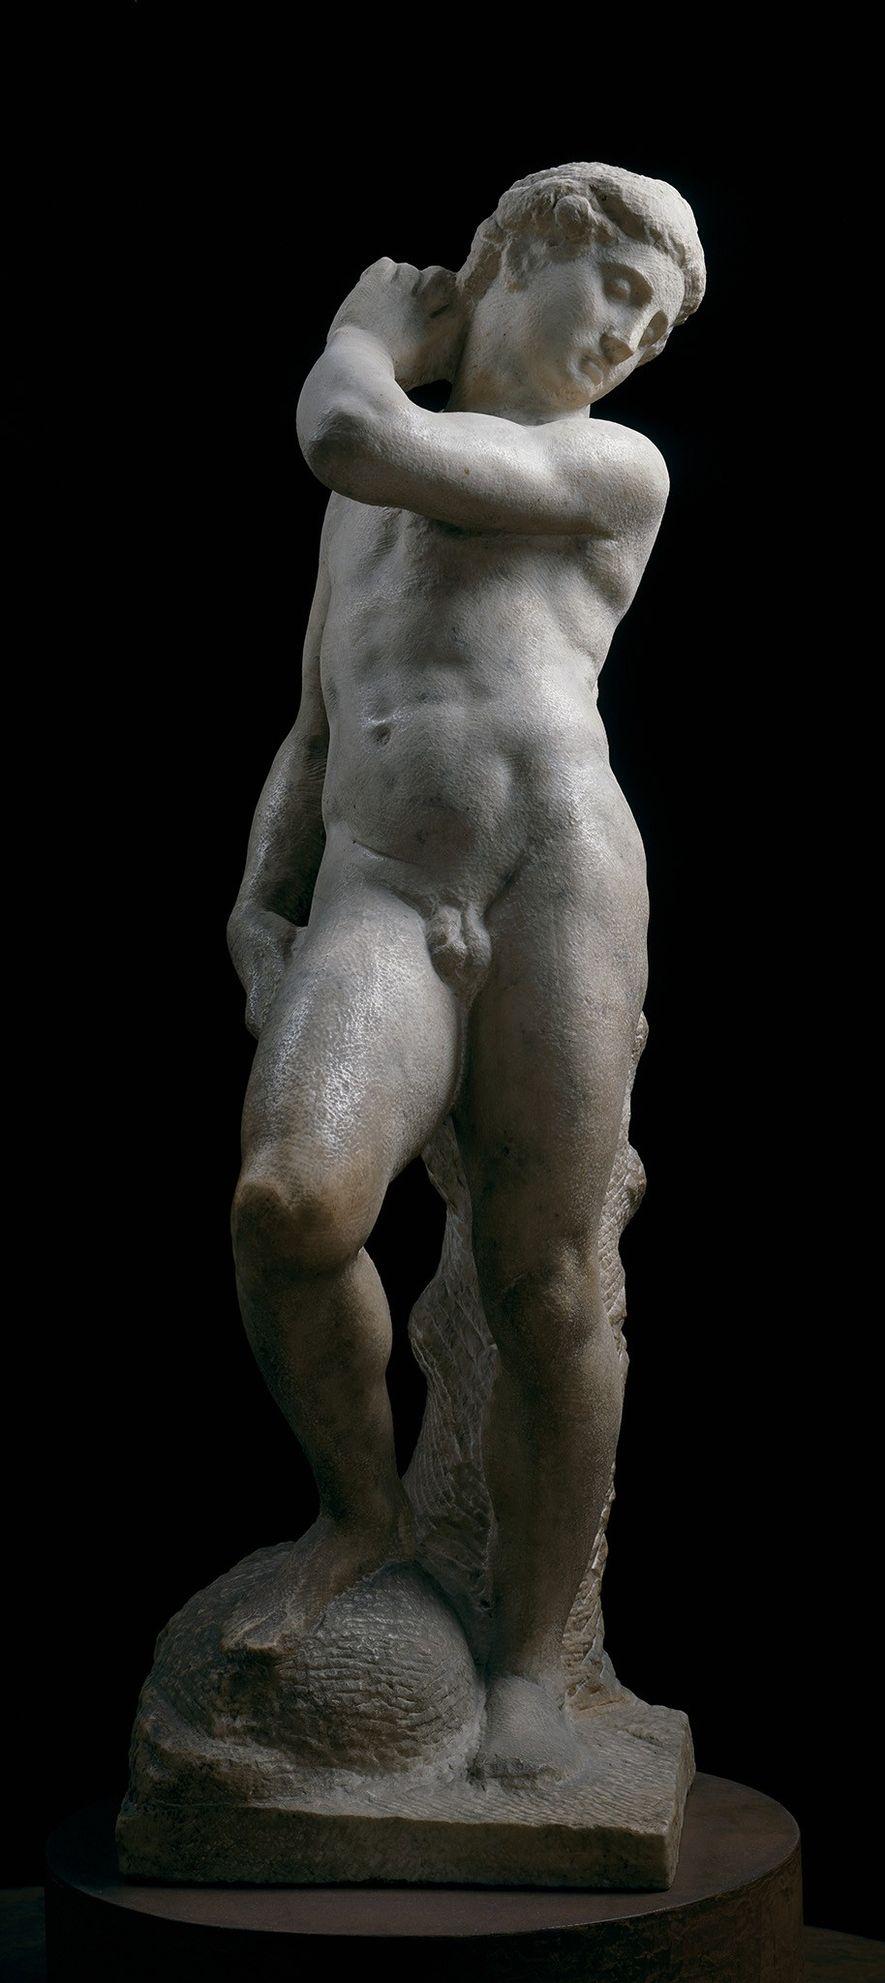 A estátua de Apolo